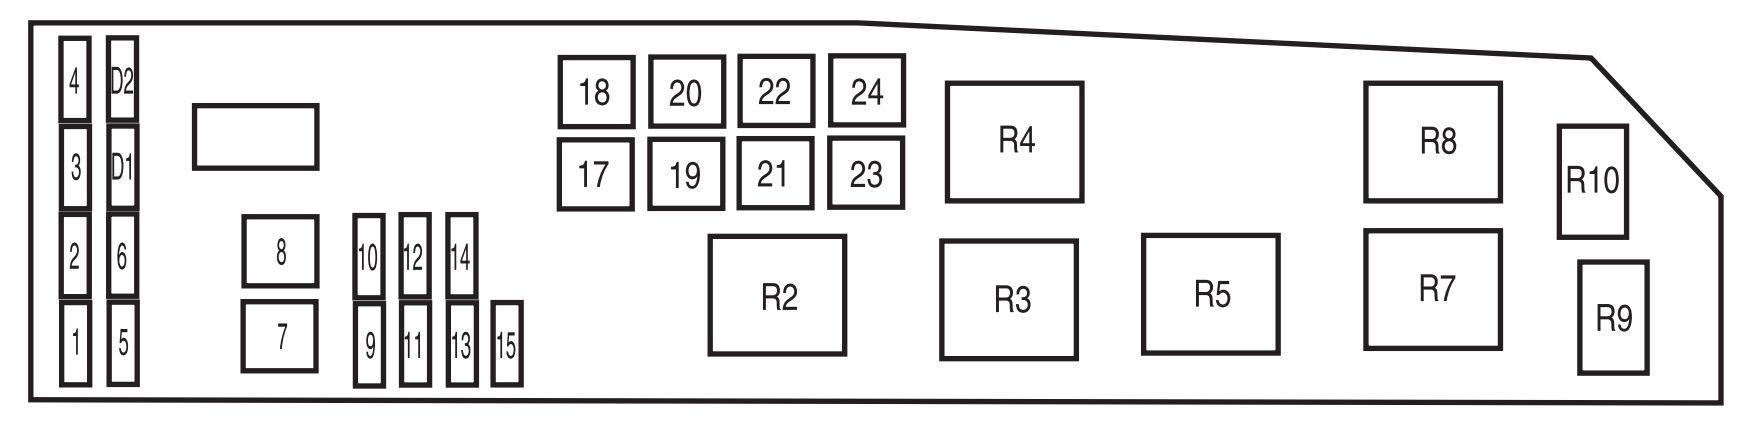 fuse diagram 2004 mazda 6s